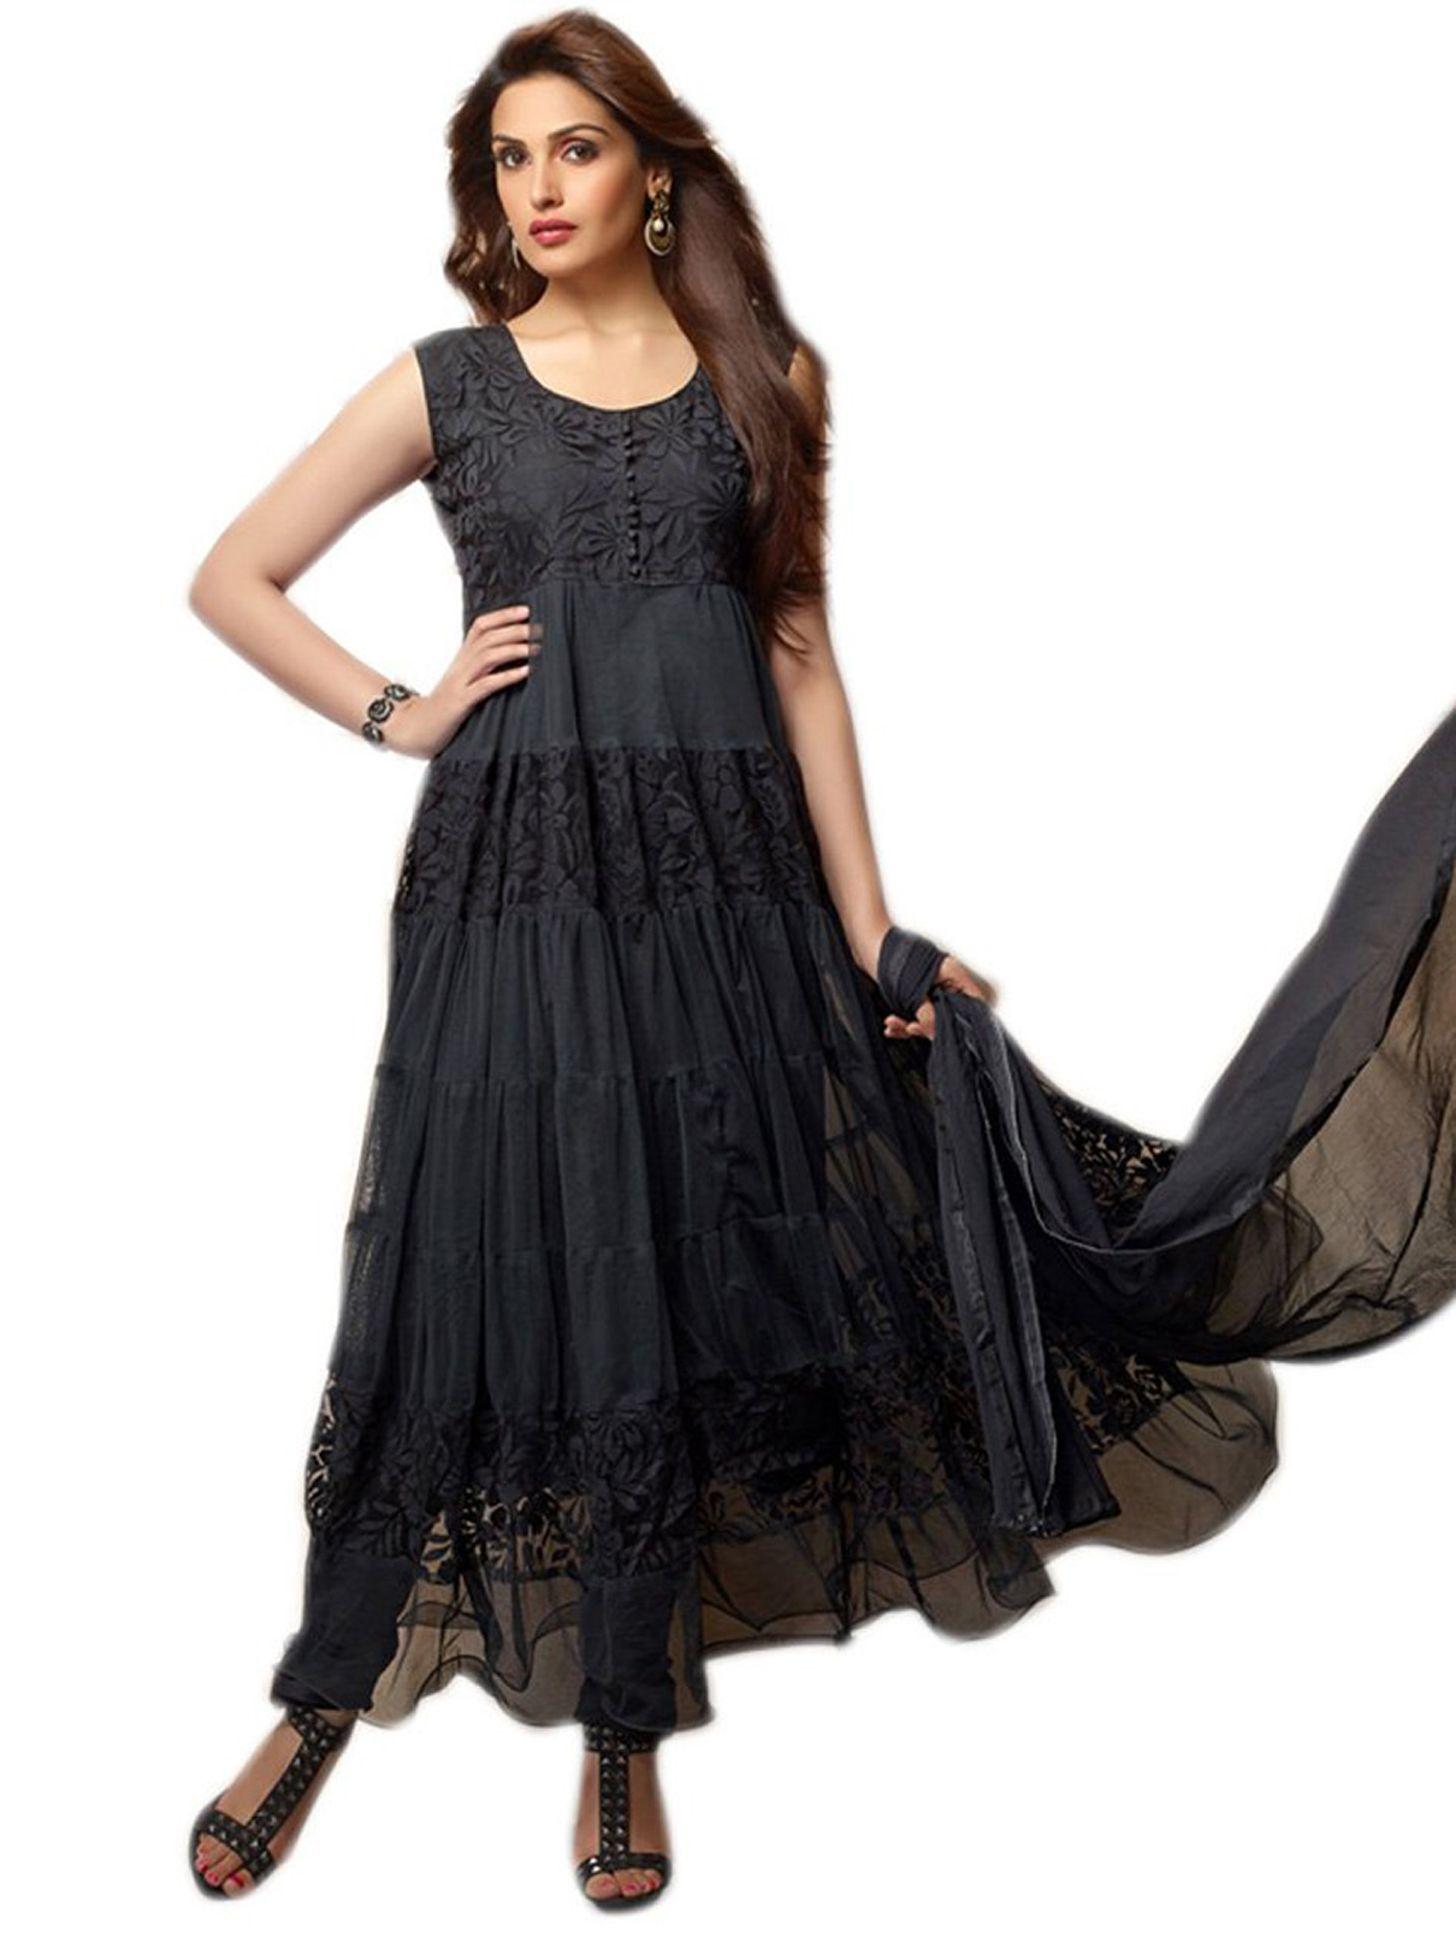 Latest black designer anarkali #salwarsuit with 24% discount